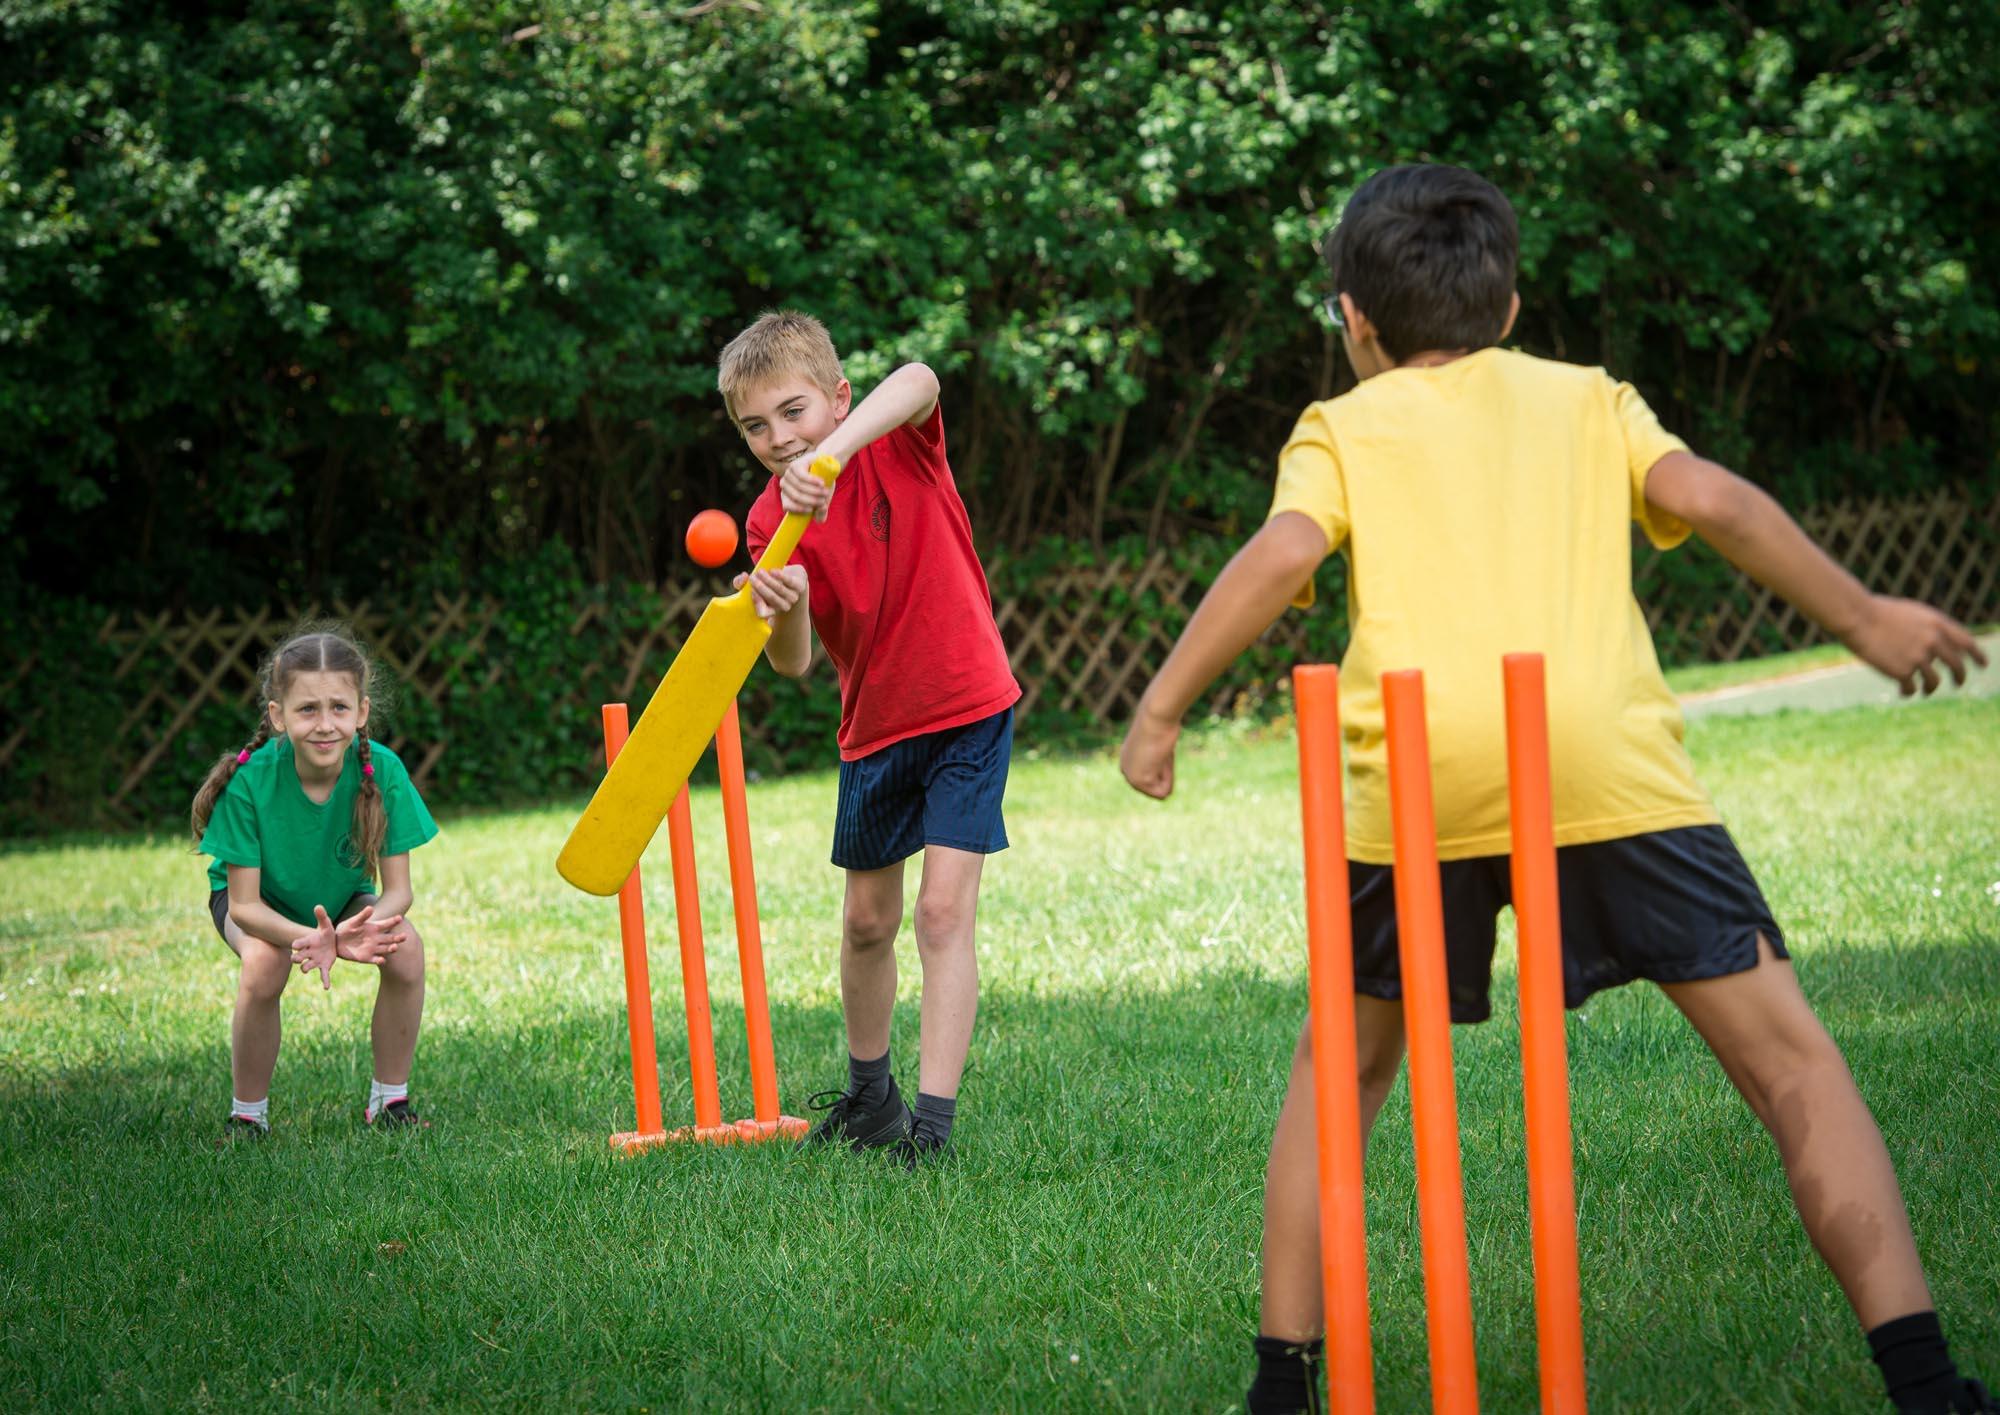 Children playing cricket